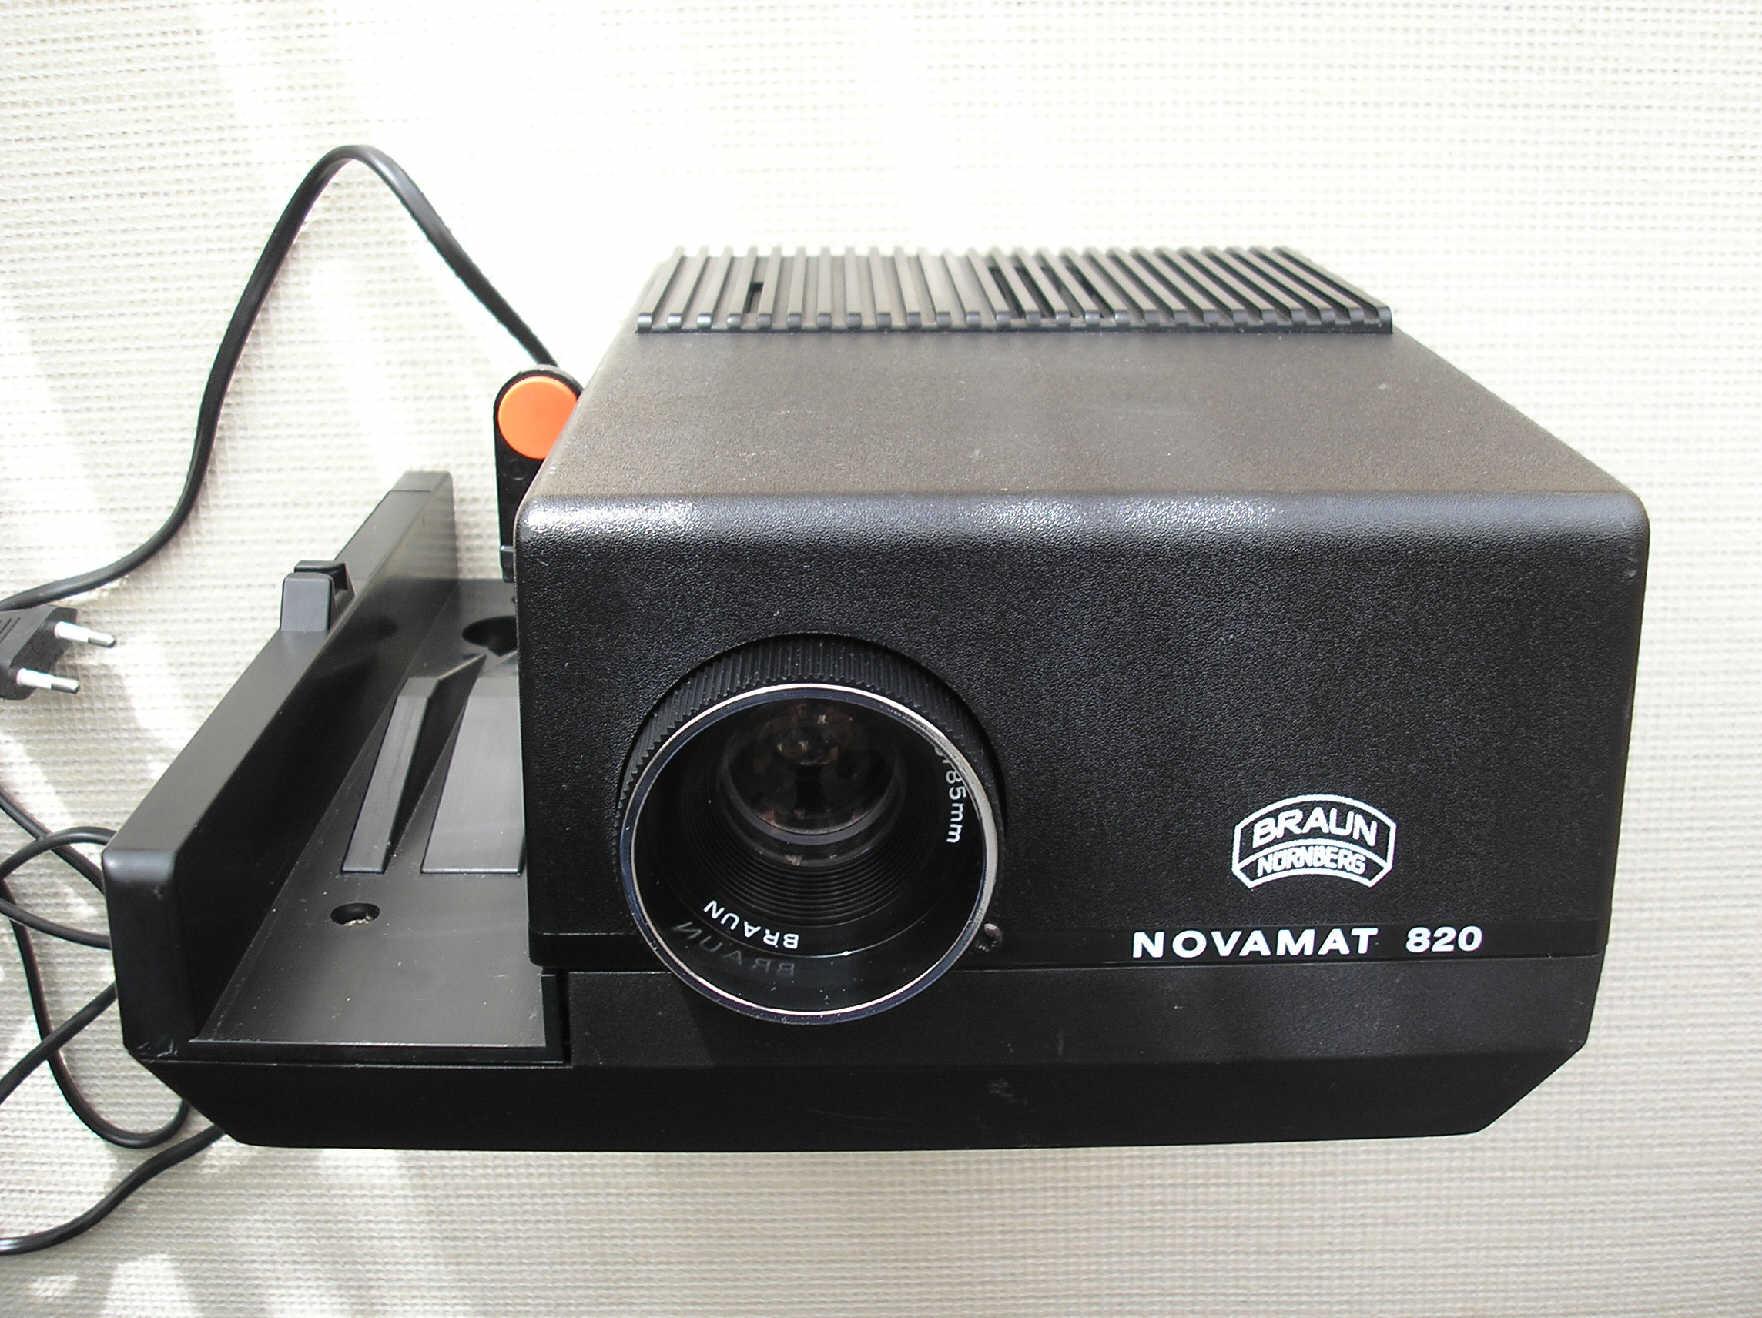 Braun Novamat 820 - rzutnik